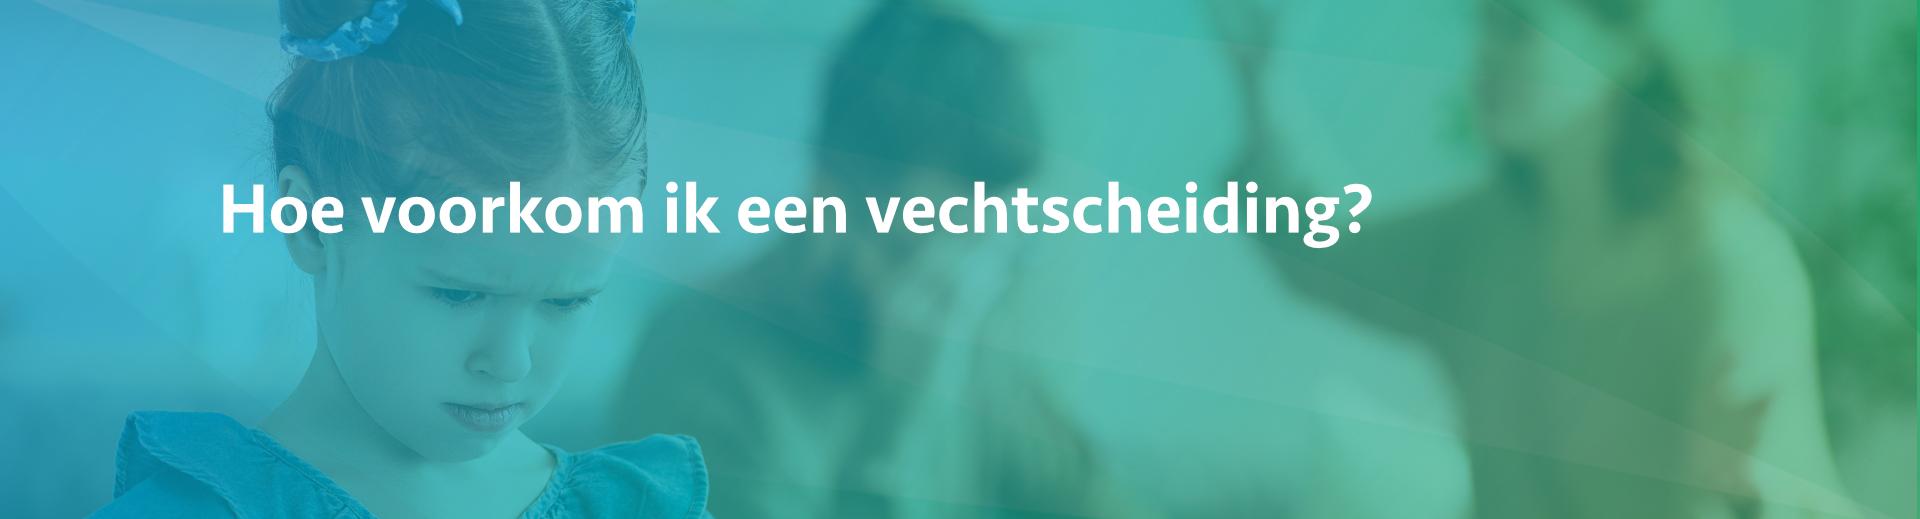 Een vechtscheiding voorkomen - Scheidingsplanner Hilversum - Bilthoven - Soest - Het Gooi